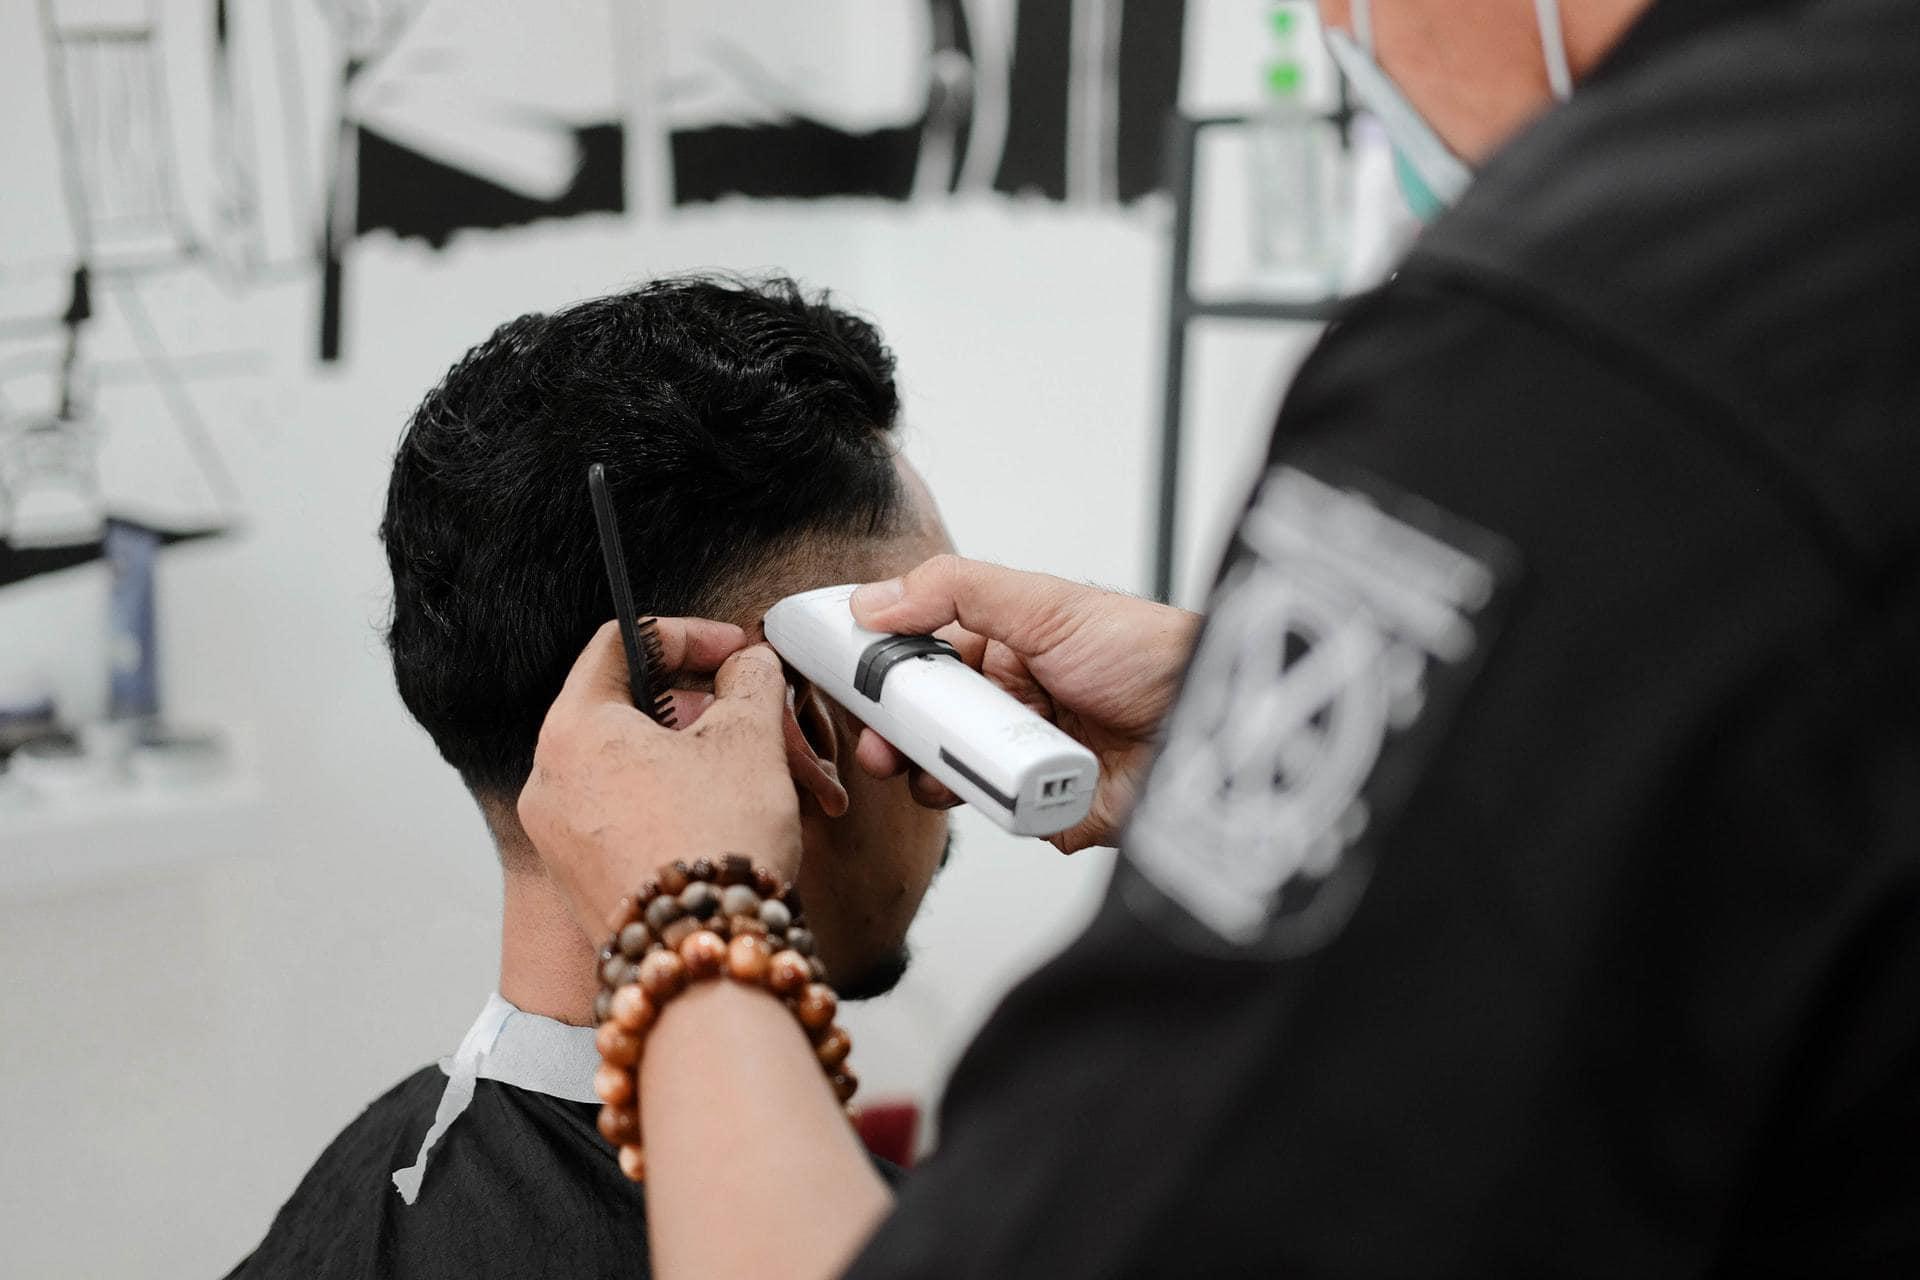 Tondeuse in gebruik bij de kapper